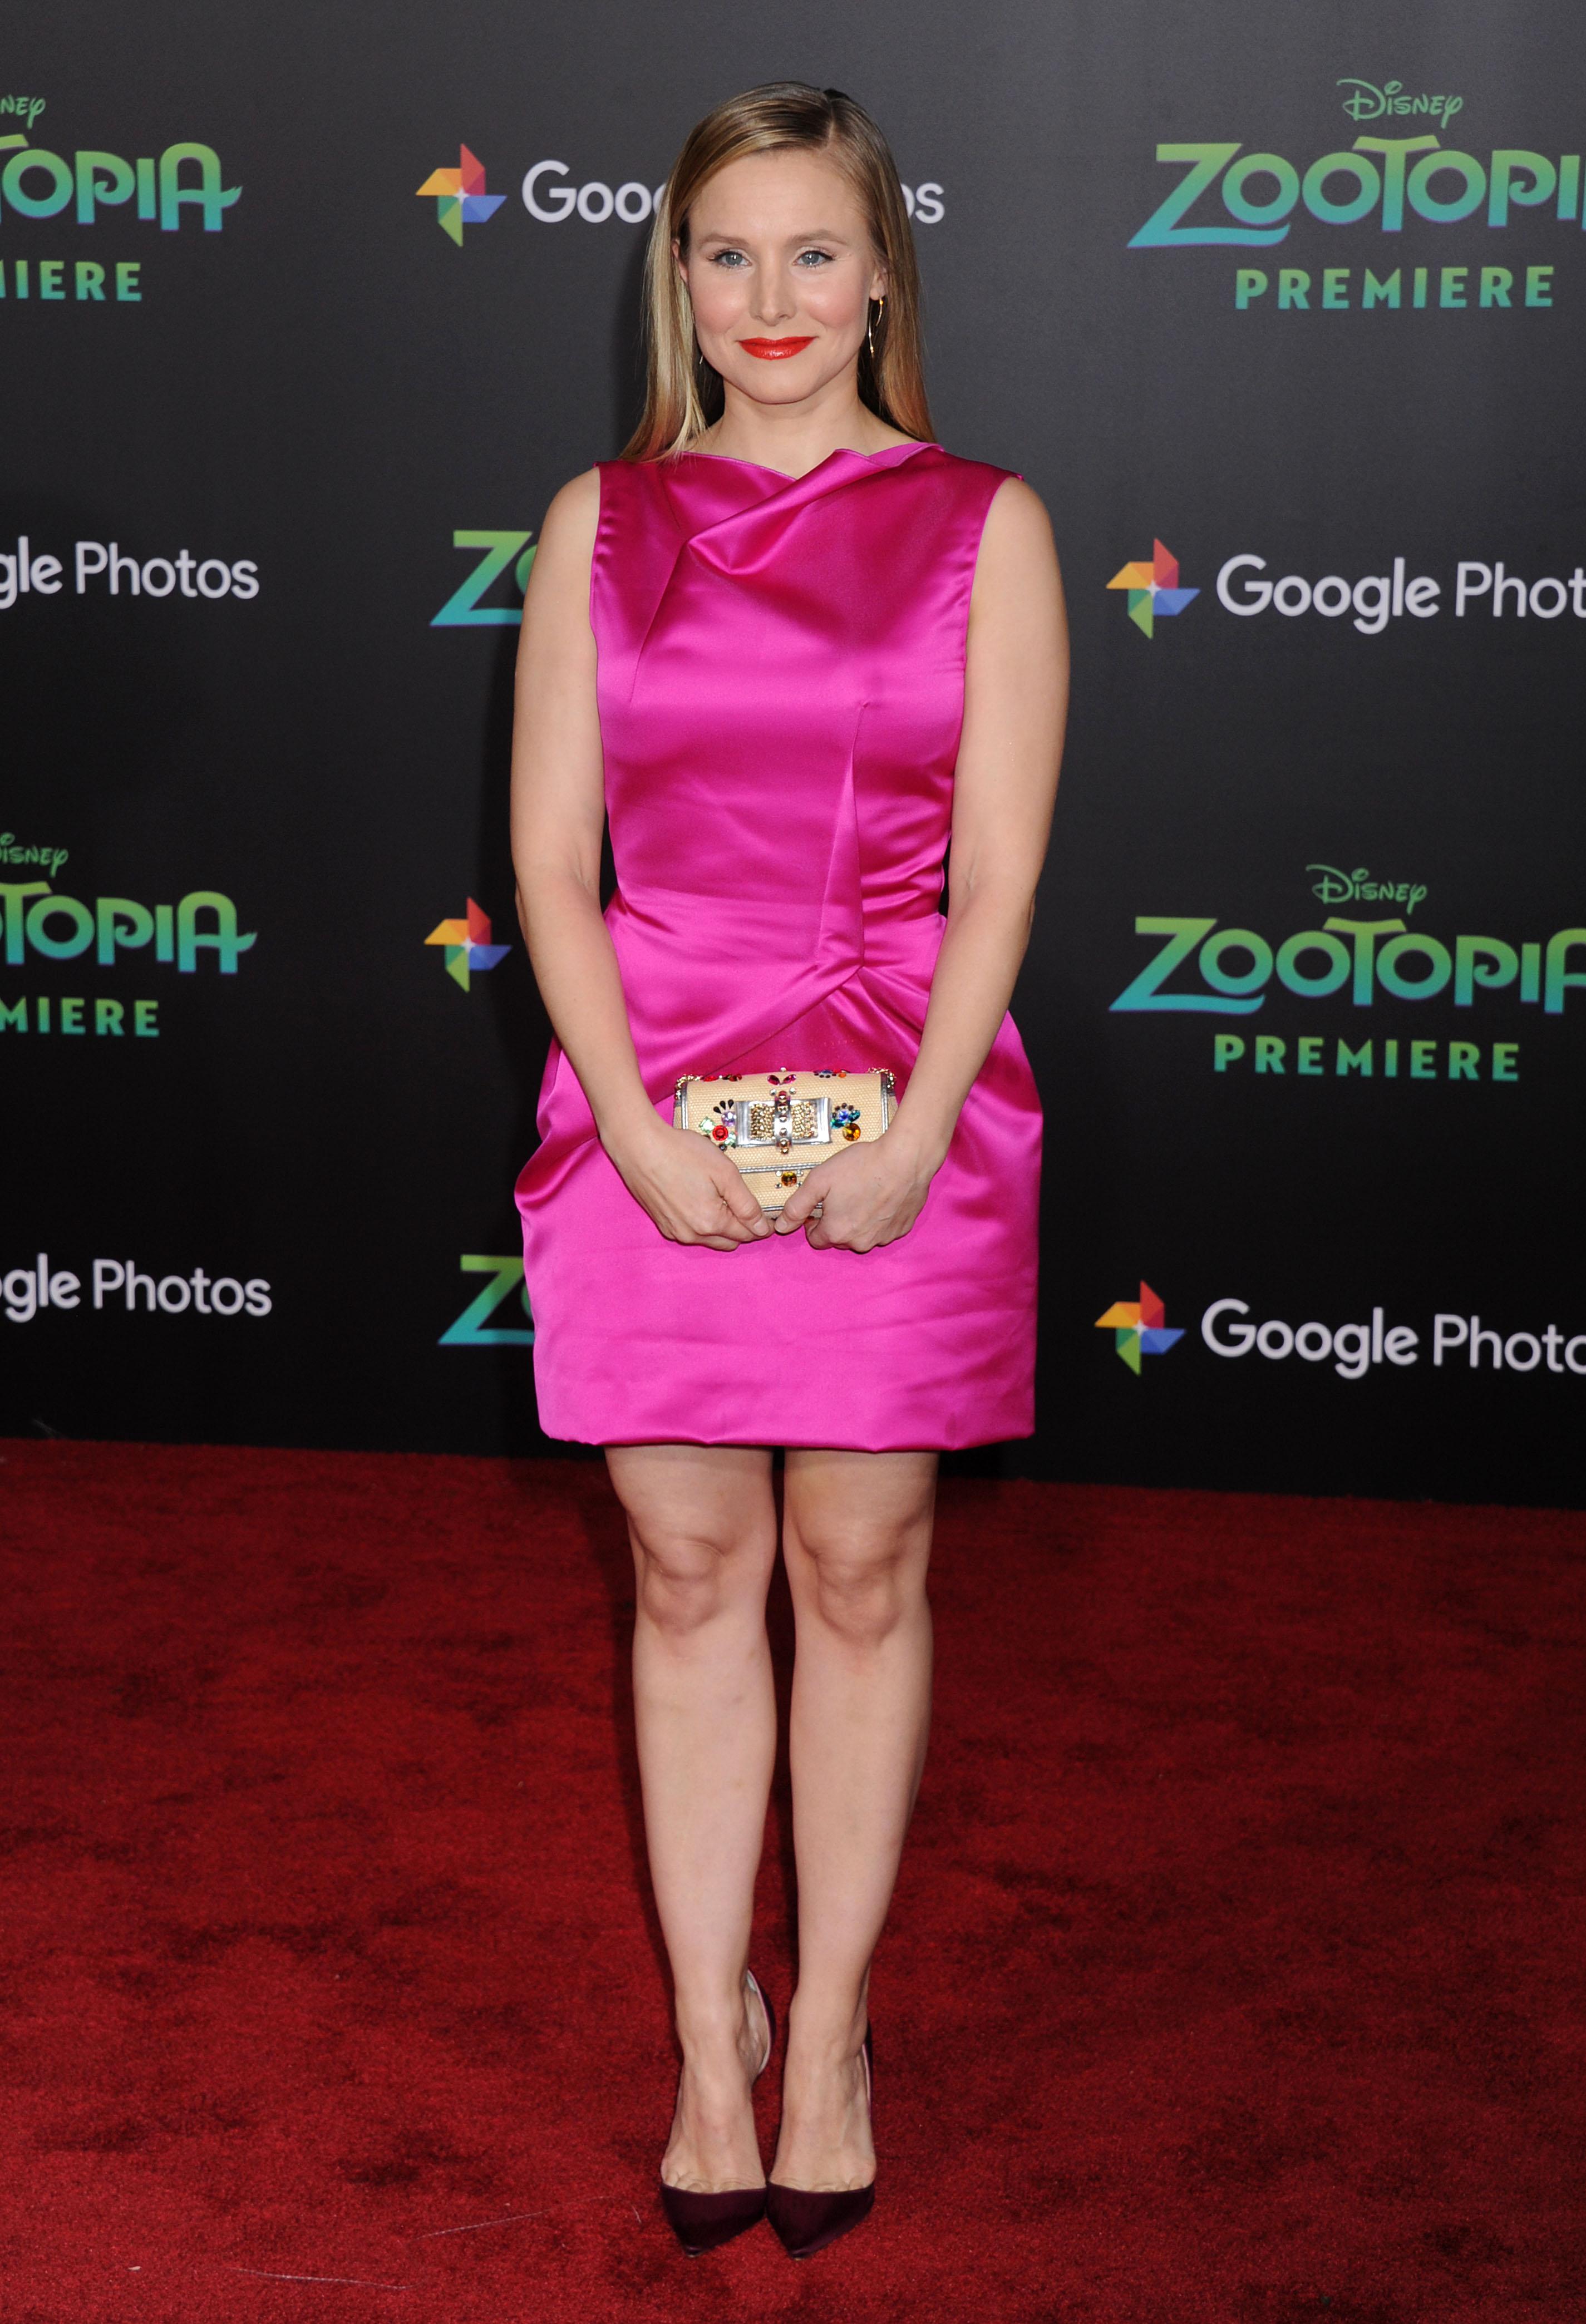 Kristen Bell Zootopia Premiere 1